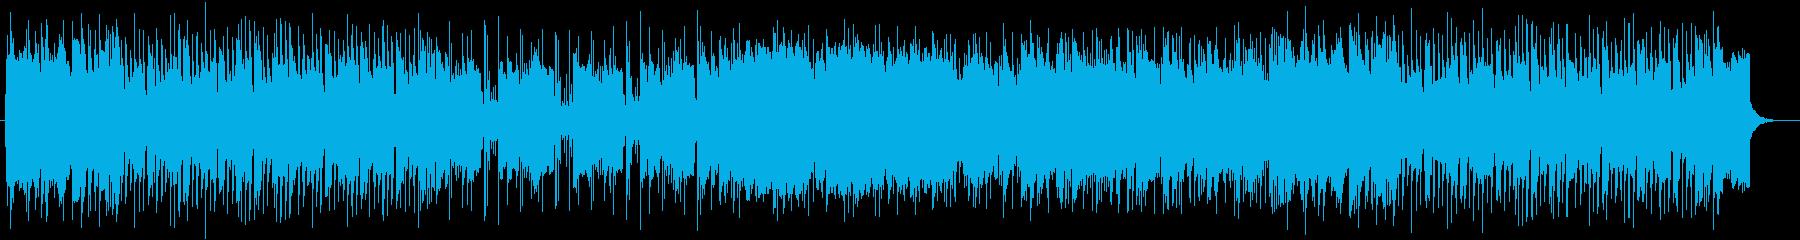 情熱的且つ感動的なバラードポップスの再生済みの波形